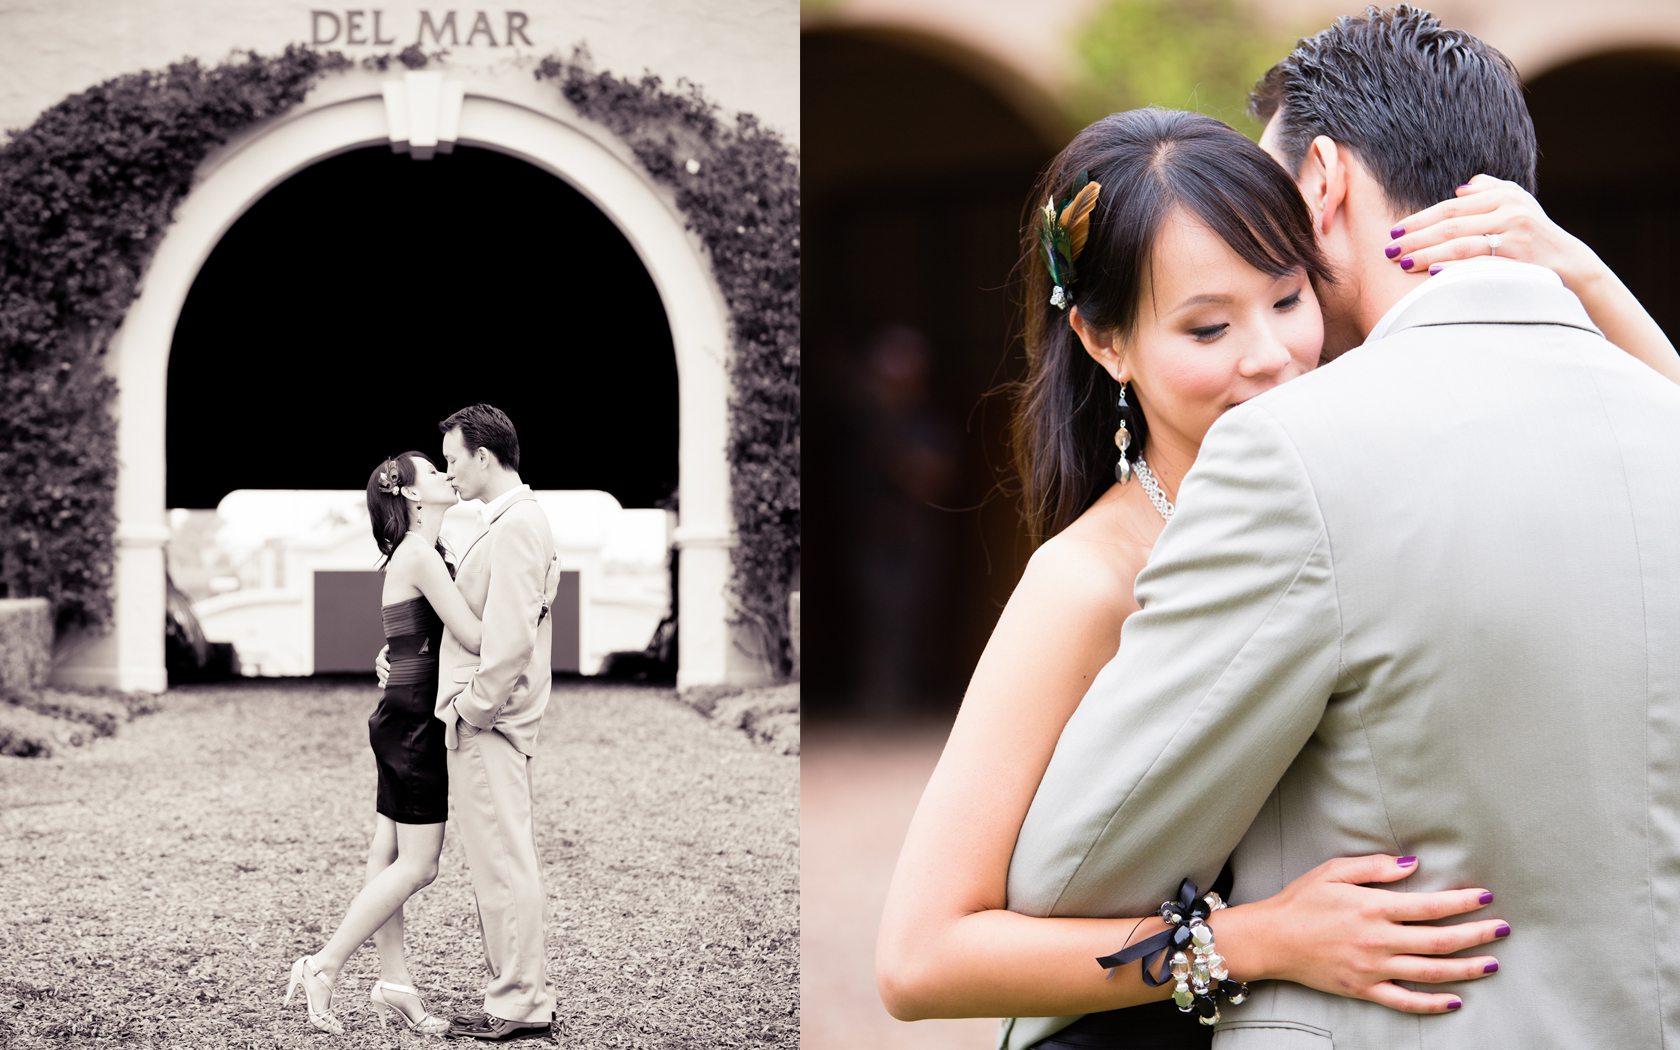 Del_Mar_Thoroughbred_Club_Engagement_04.jpg